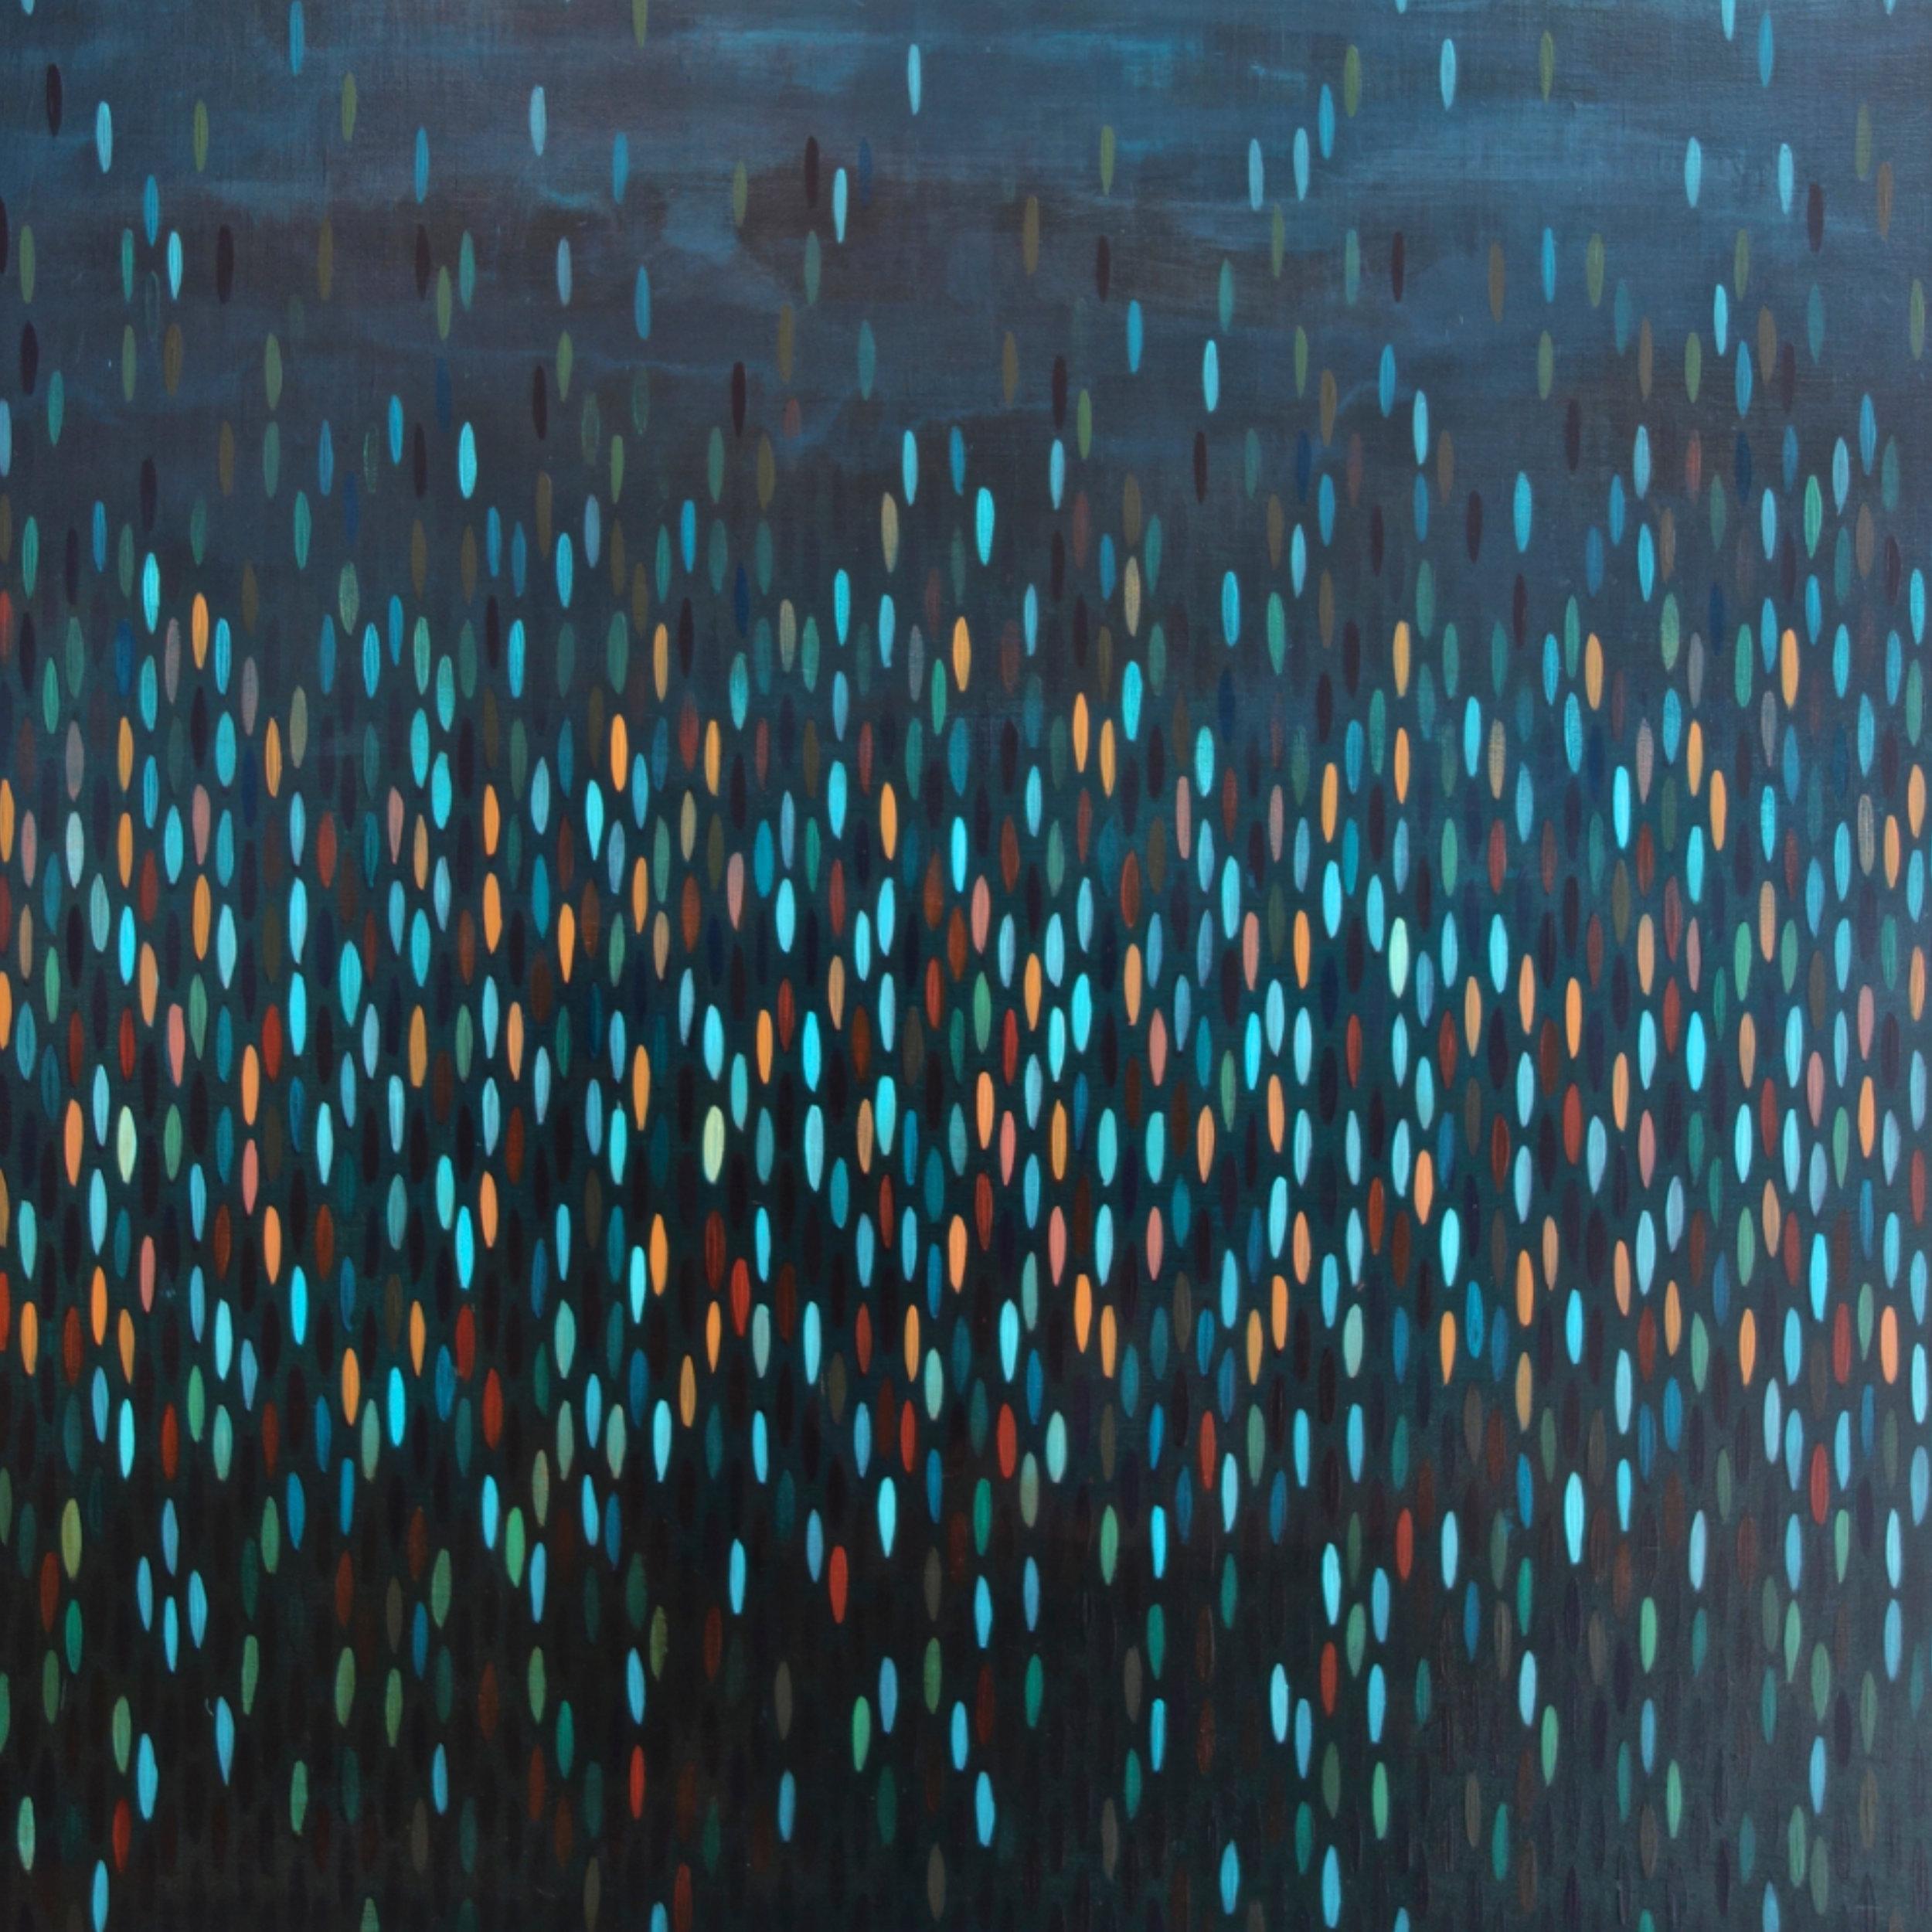 2014-15: Paintings